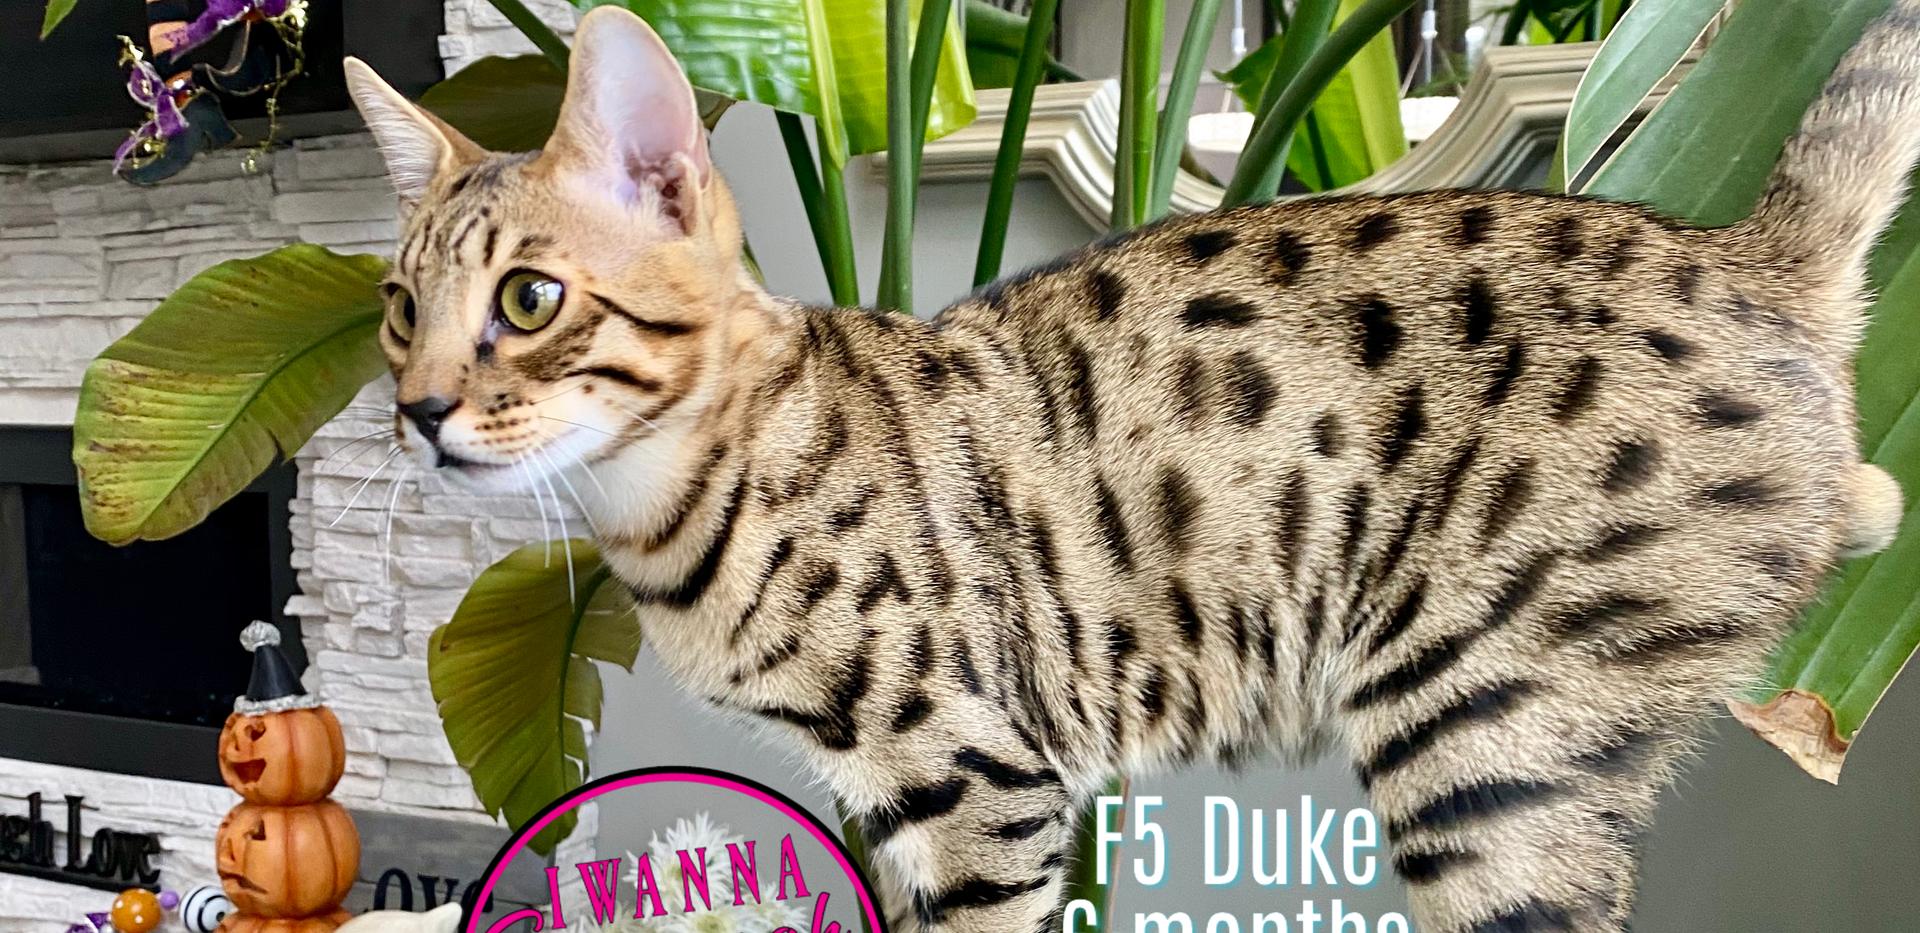 Iwanna Savannah F5 Duke